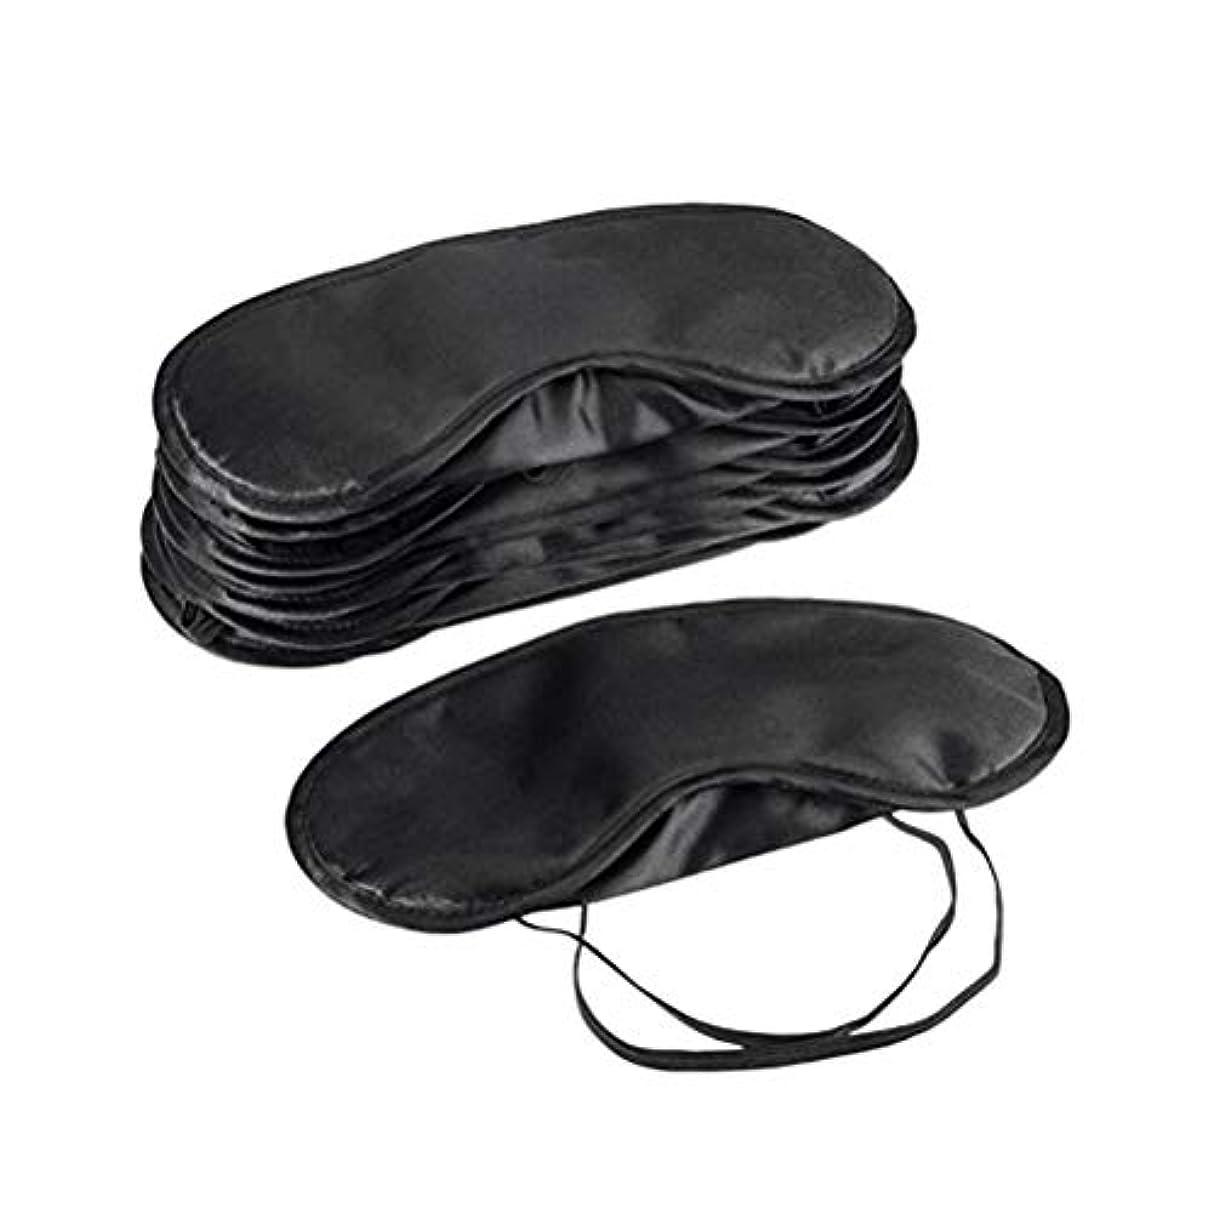 役に立たない対処する休眠Beaupretty 30ピースポリエステル睡眠アイマスク目隠しシェーディングアイパッチ軽量で快適なアイマスクアイプロテクション用航空トレーニング(ブラック)